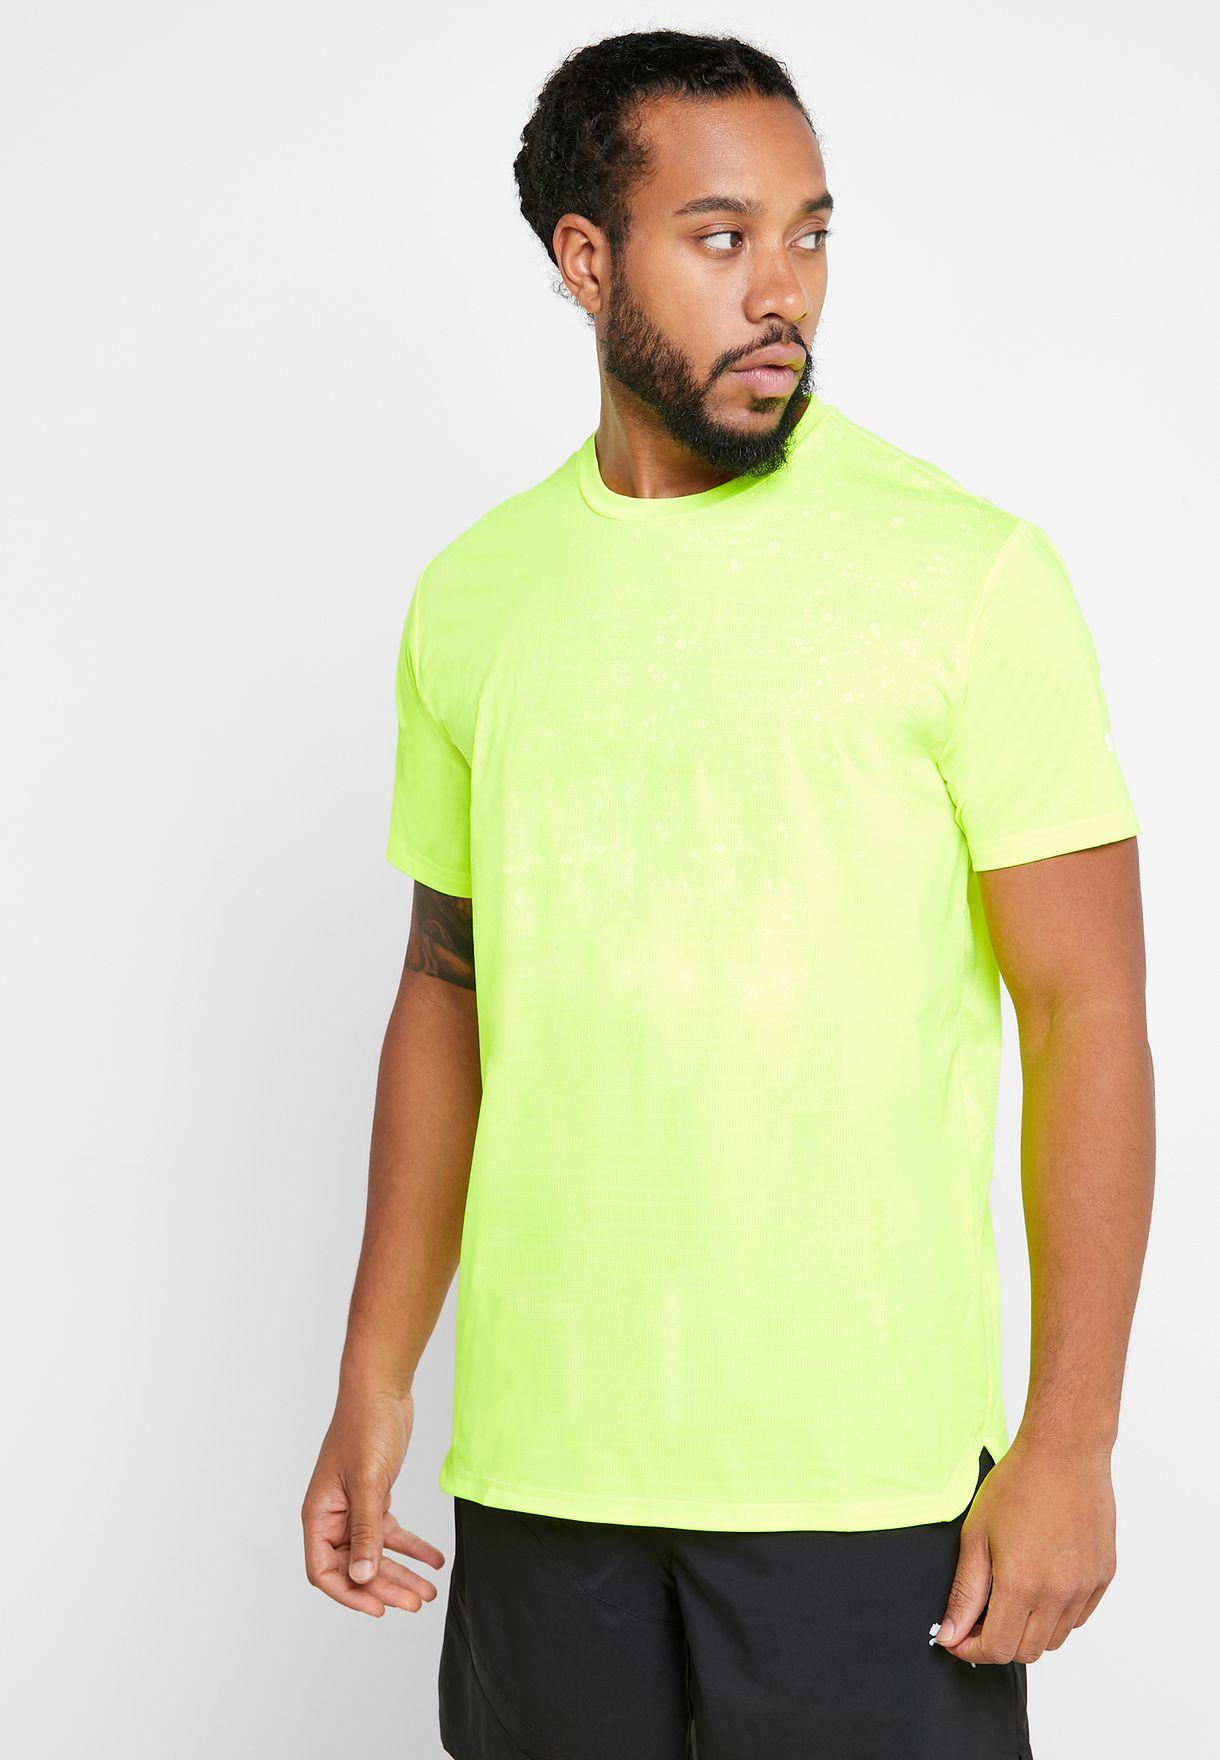 Reflective Tech T-Shirt